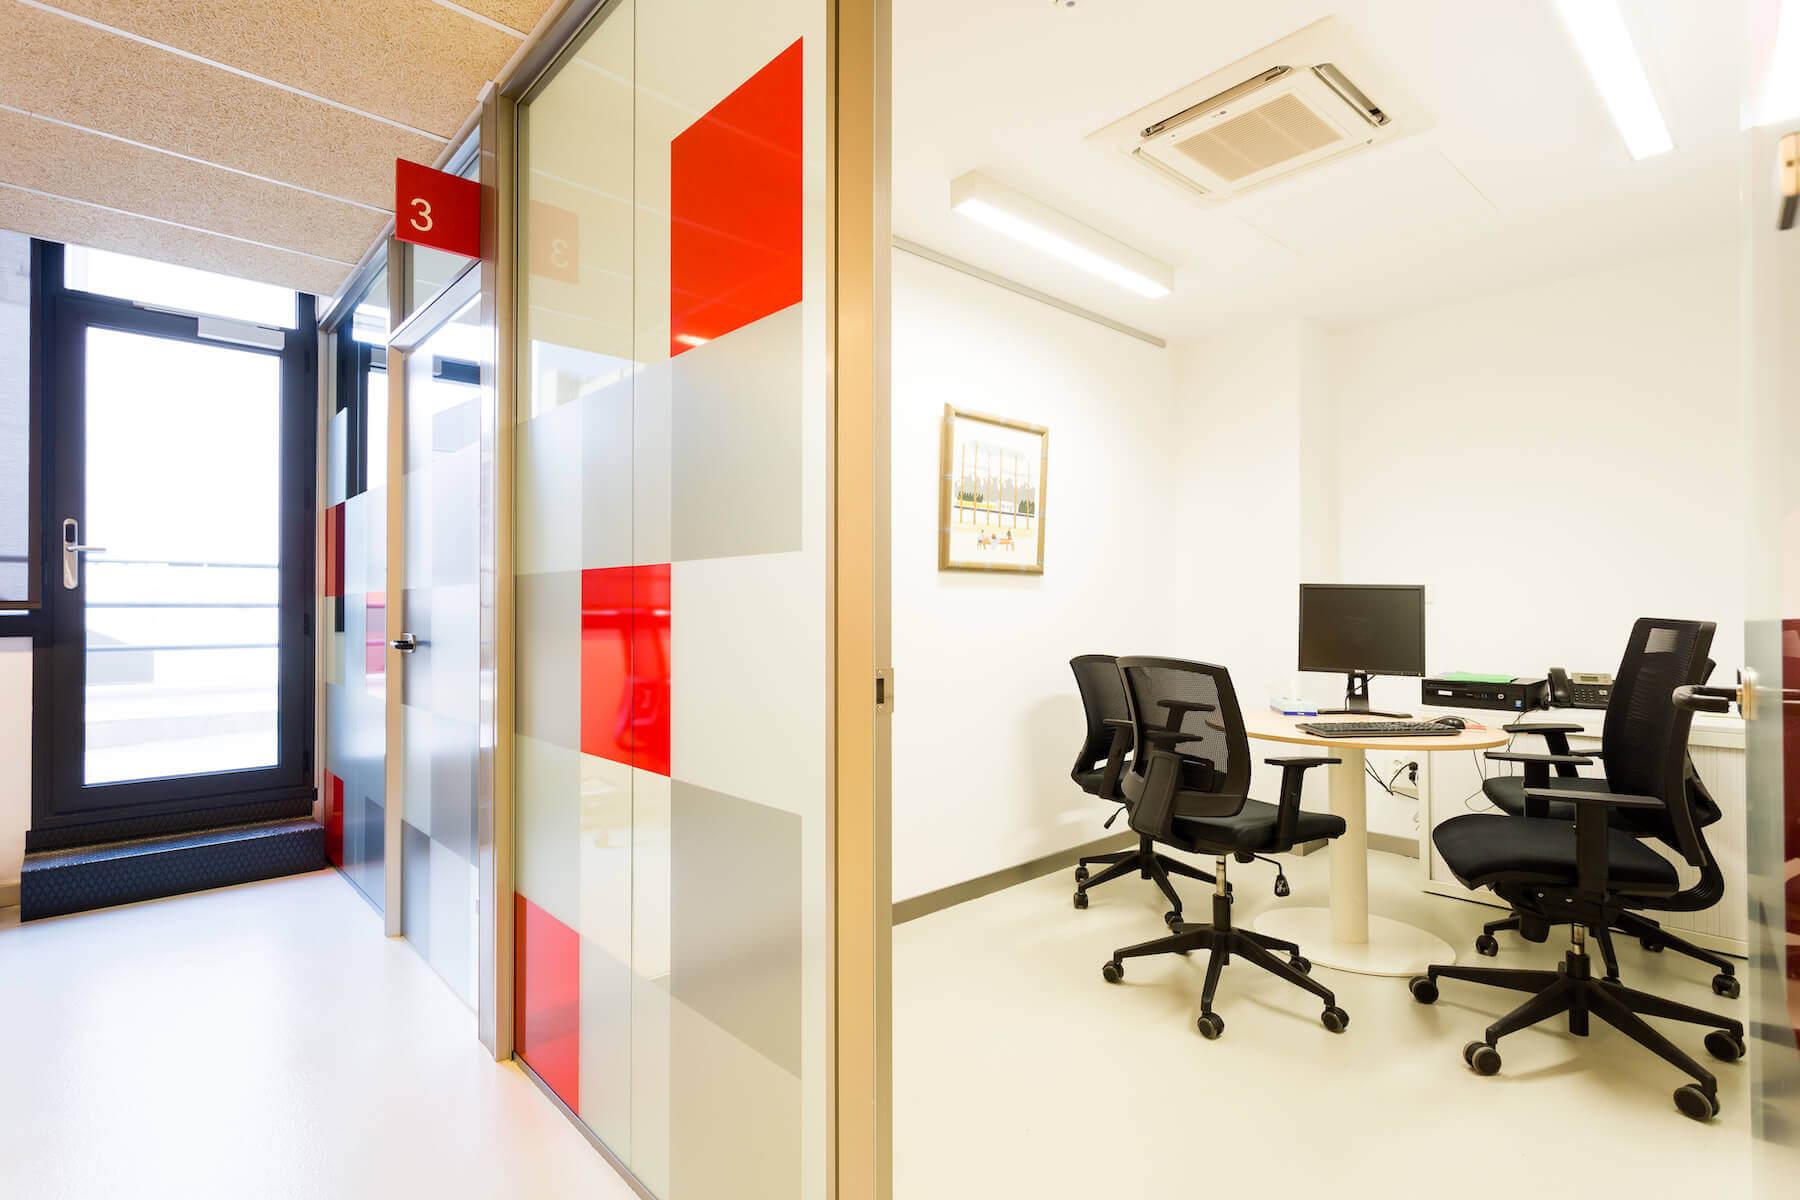 Office meeting room behind glass door